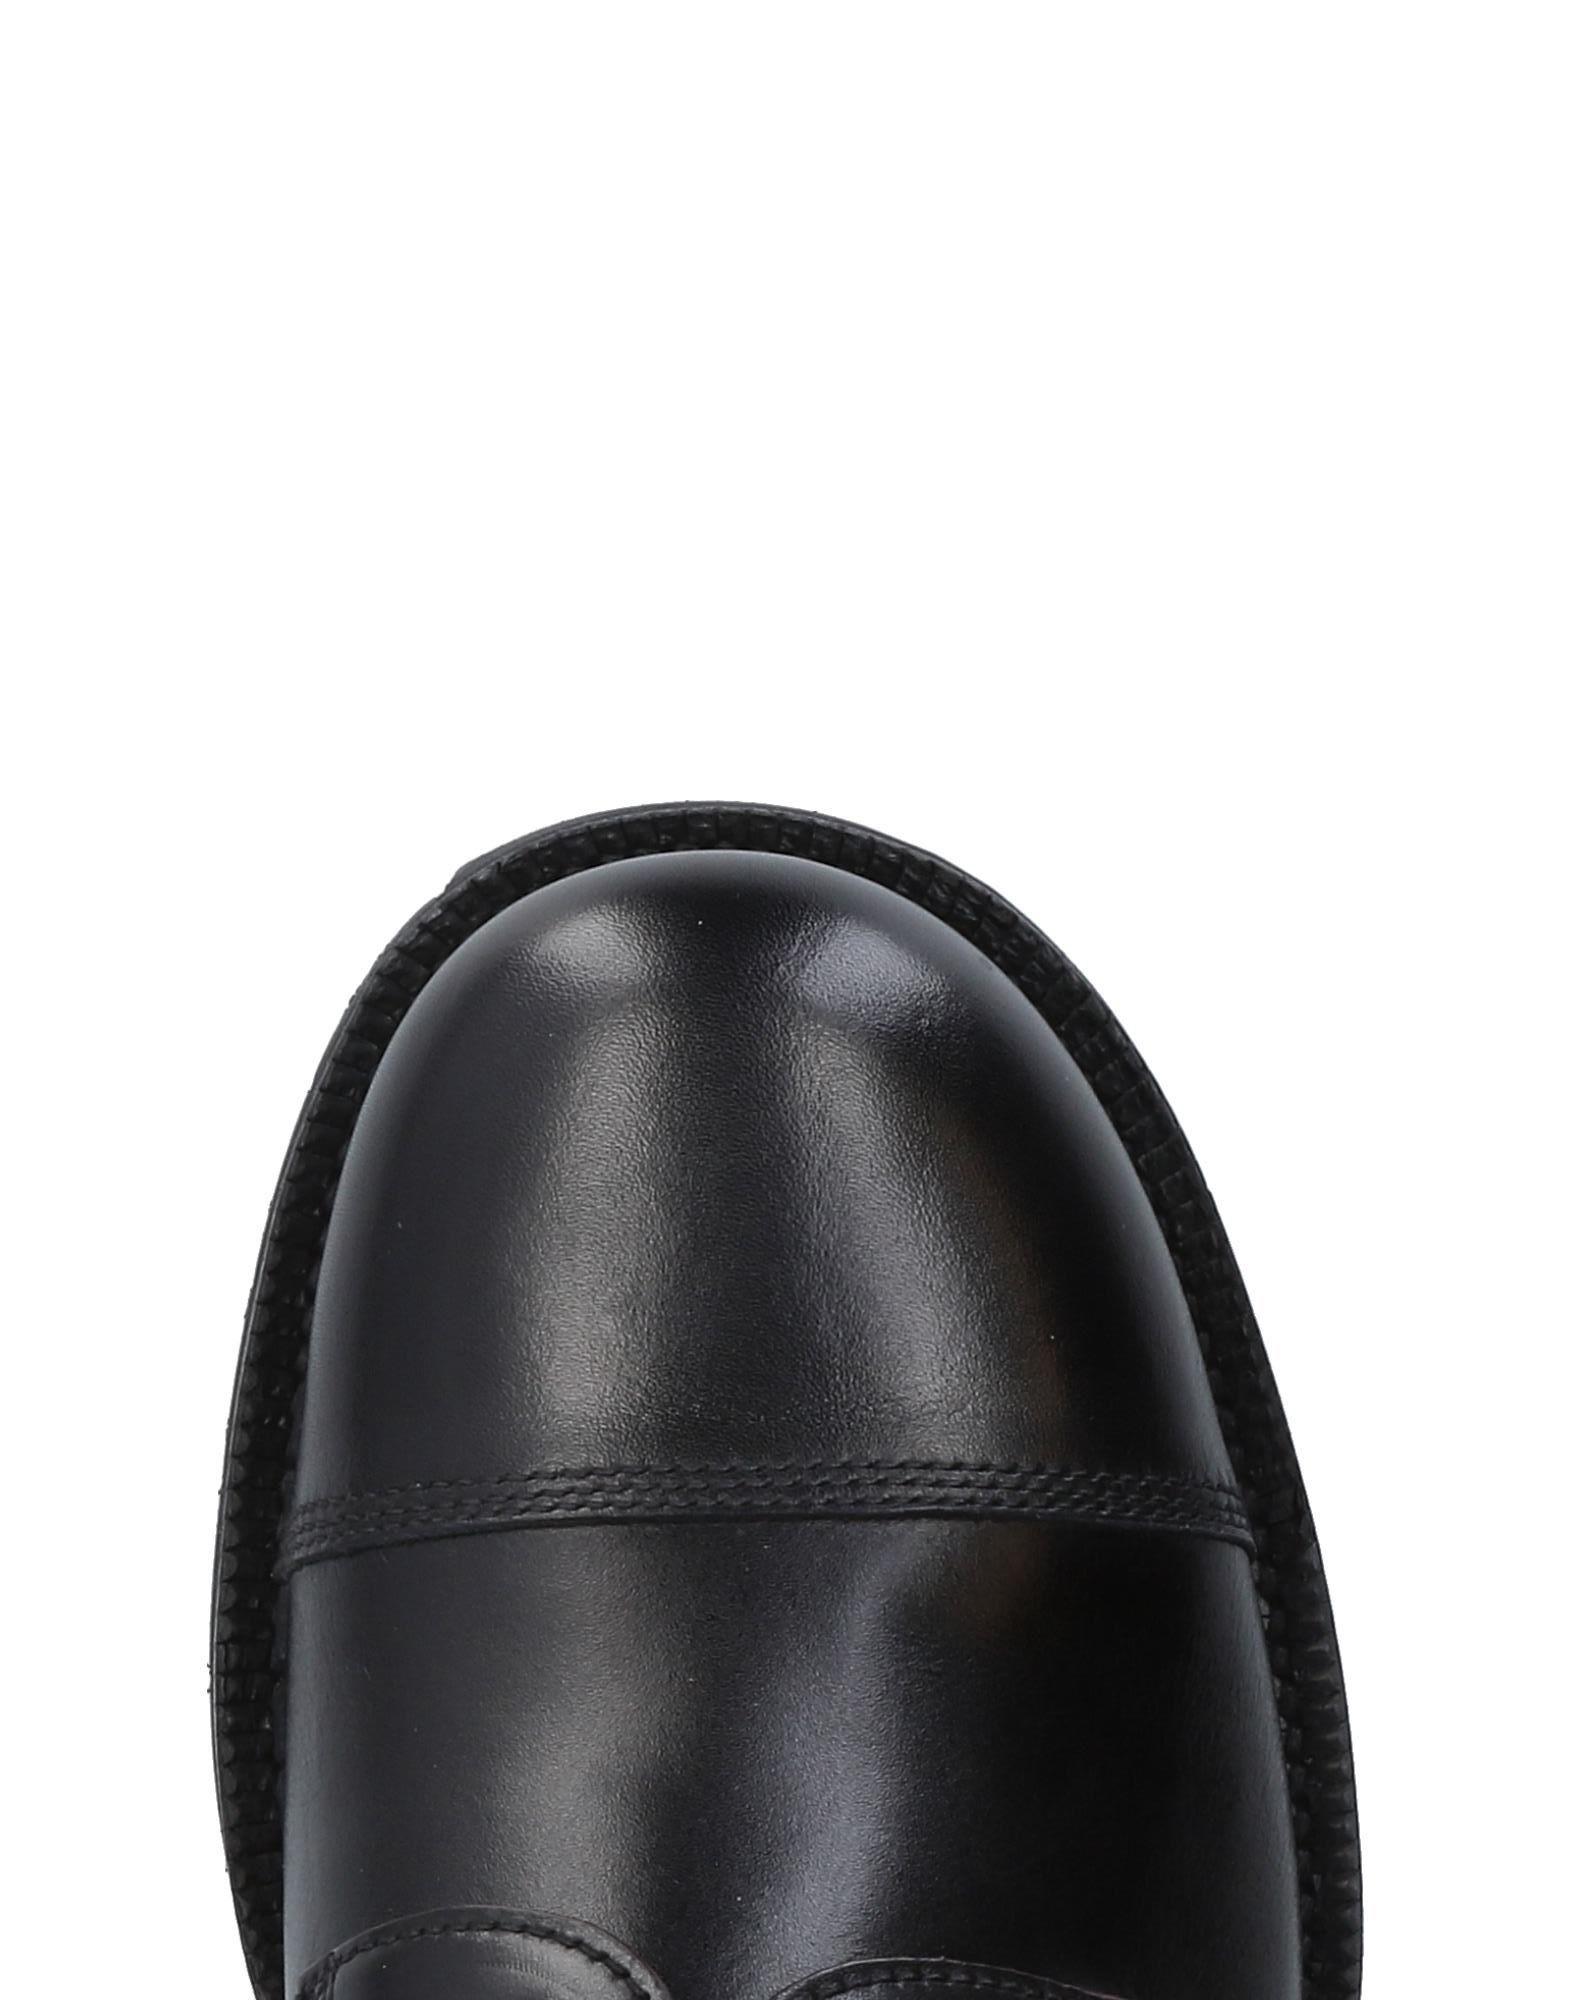 Antonio Marras Schnürschuhe Herren  11467457RH Gute Qualität beliebte Schuhe